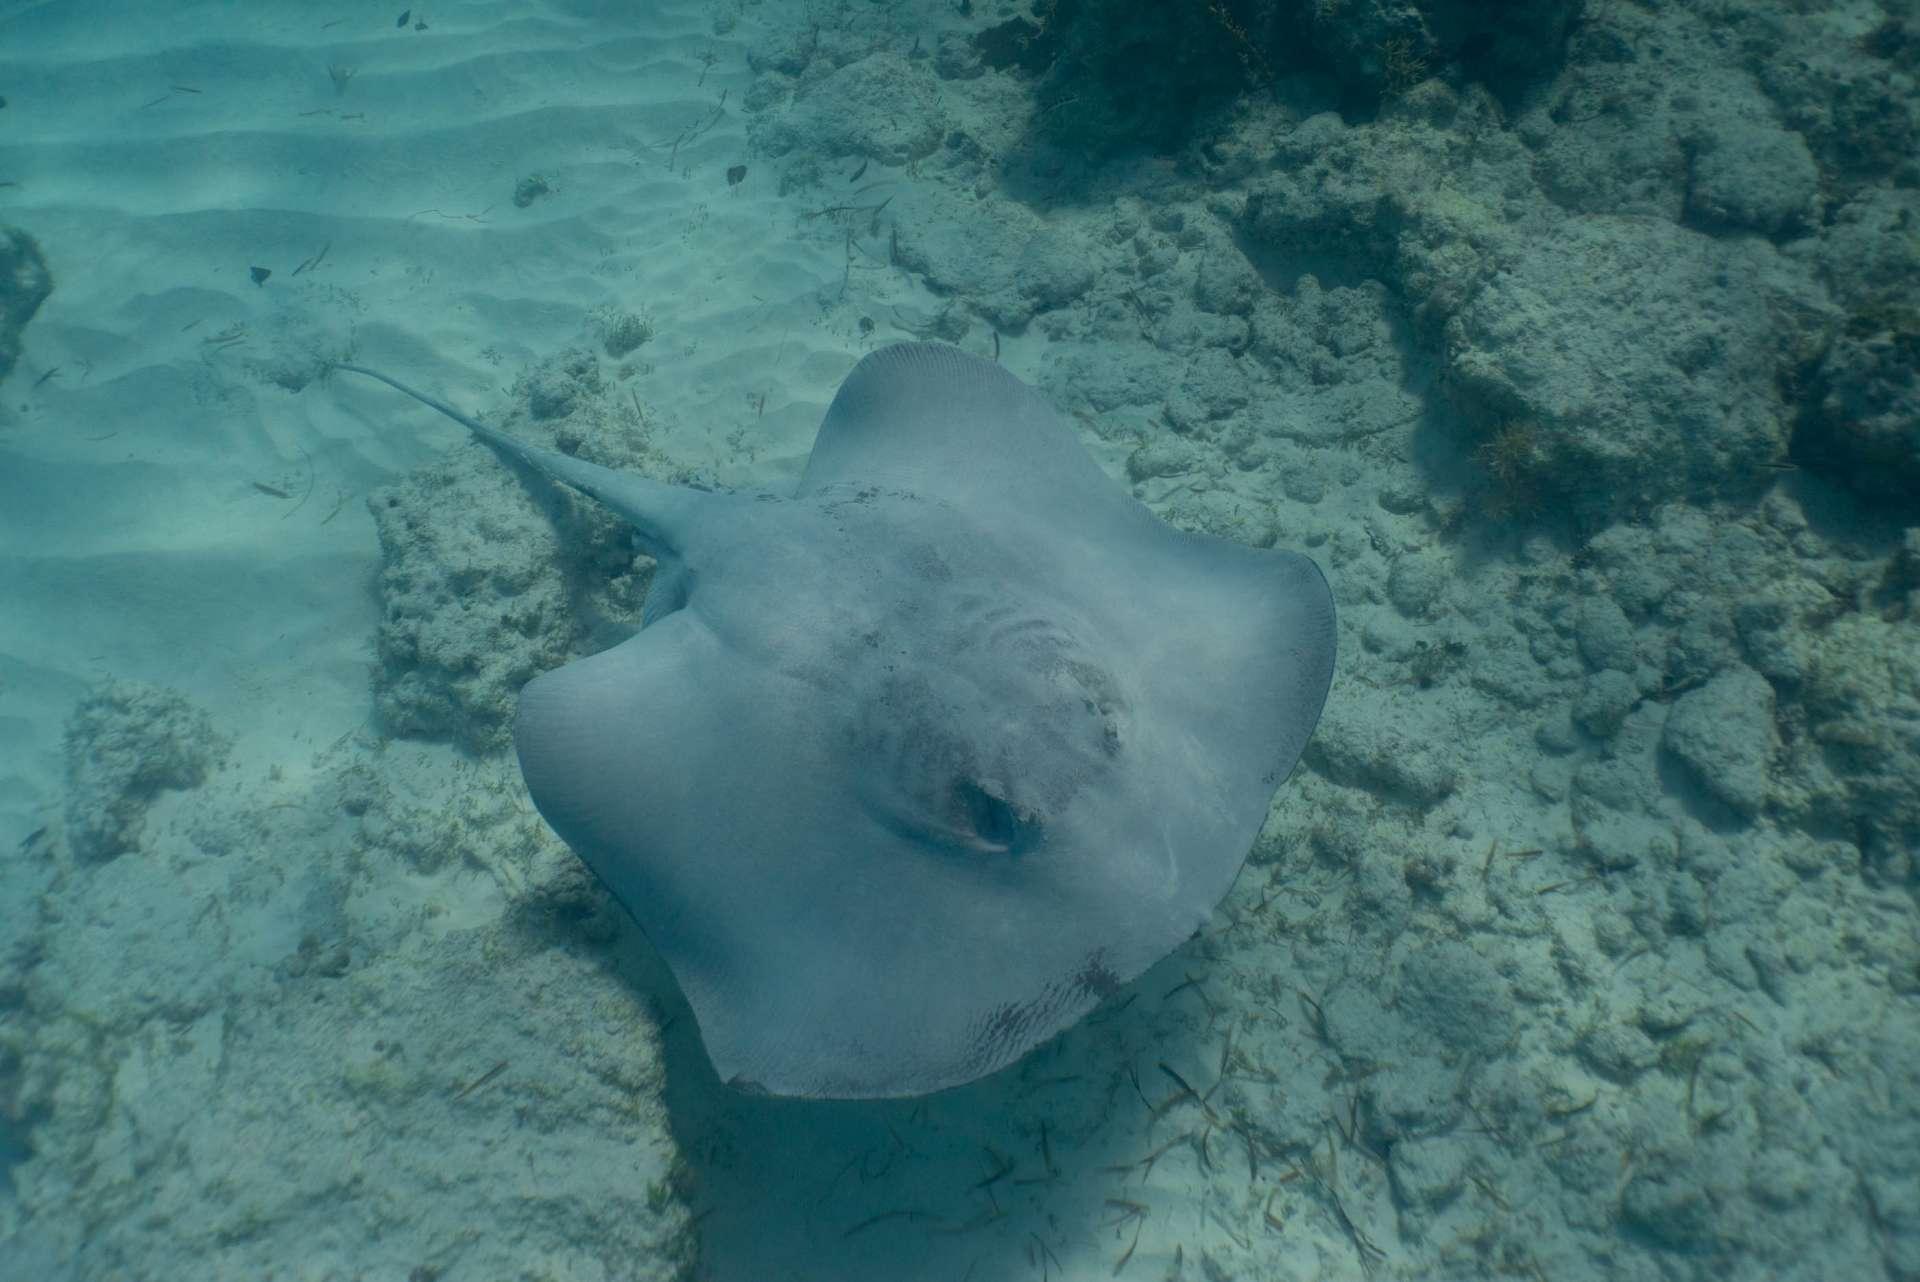 Bahamas Long Island snorkeling cape santa maria beach 9